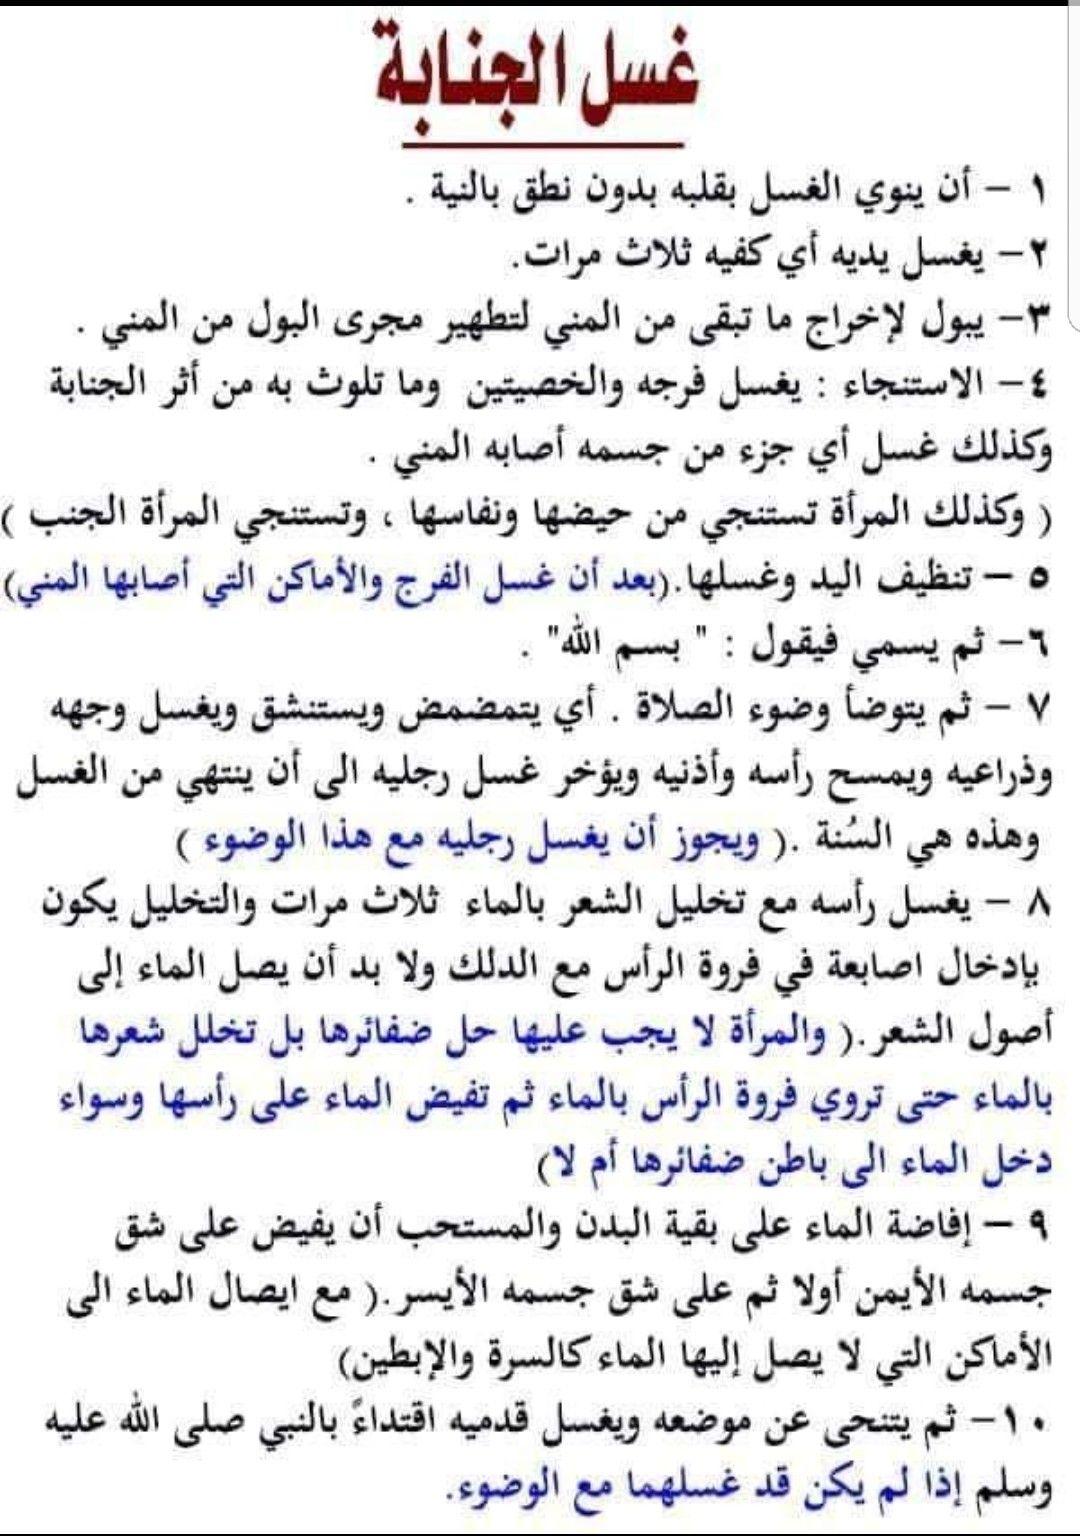 Pin By Yns Rym On Beauty Islam Facts Islam Beliefs Learn Islam